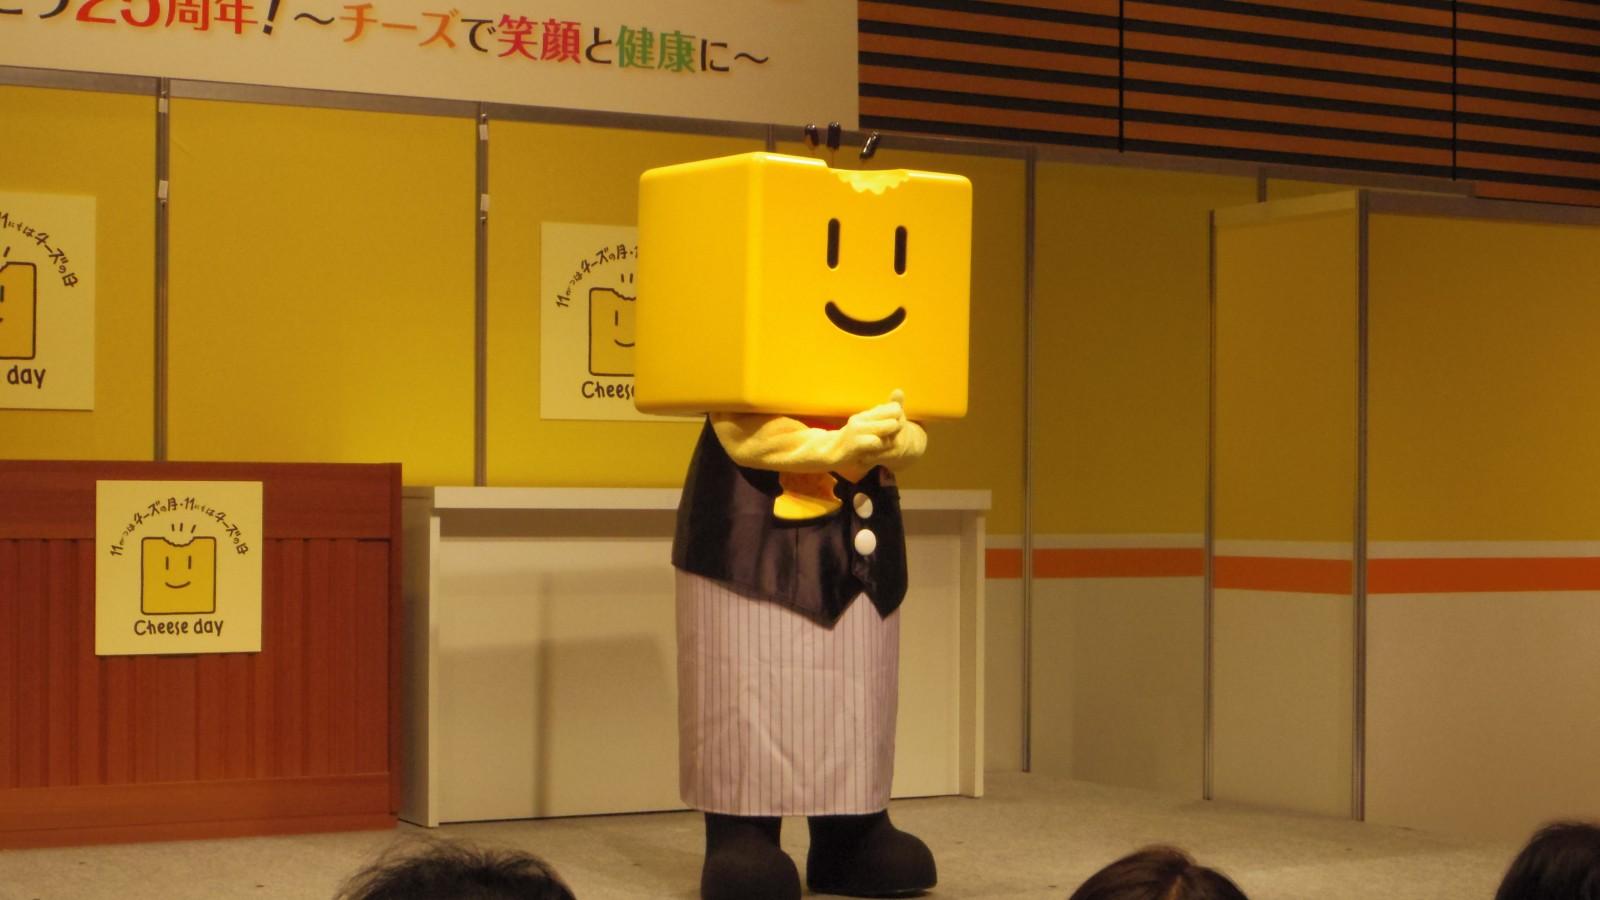 11月11日「チーズの日」、東京・恵比寿で2日間の「チーズフェスタ」。25周年です